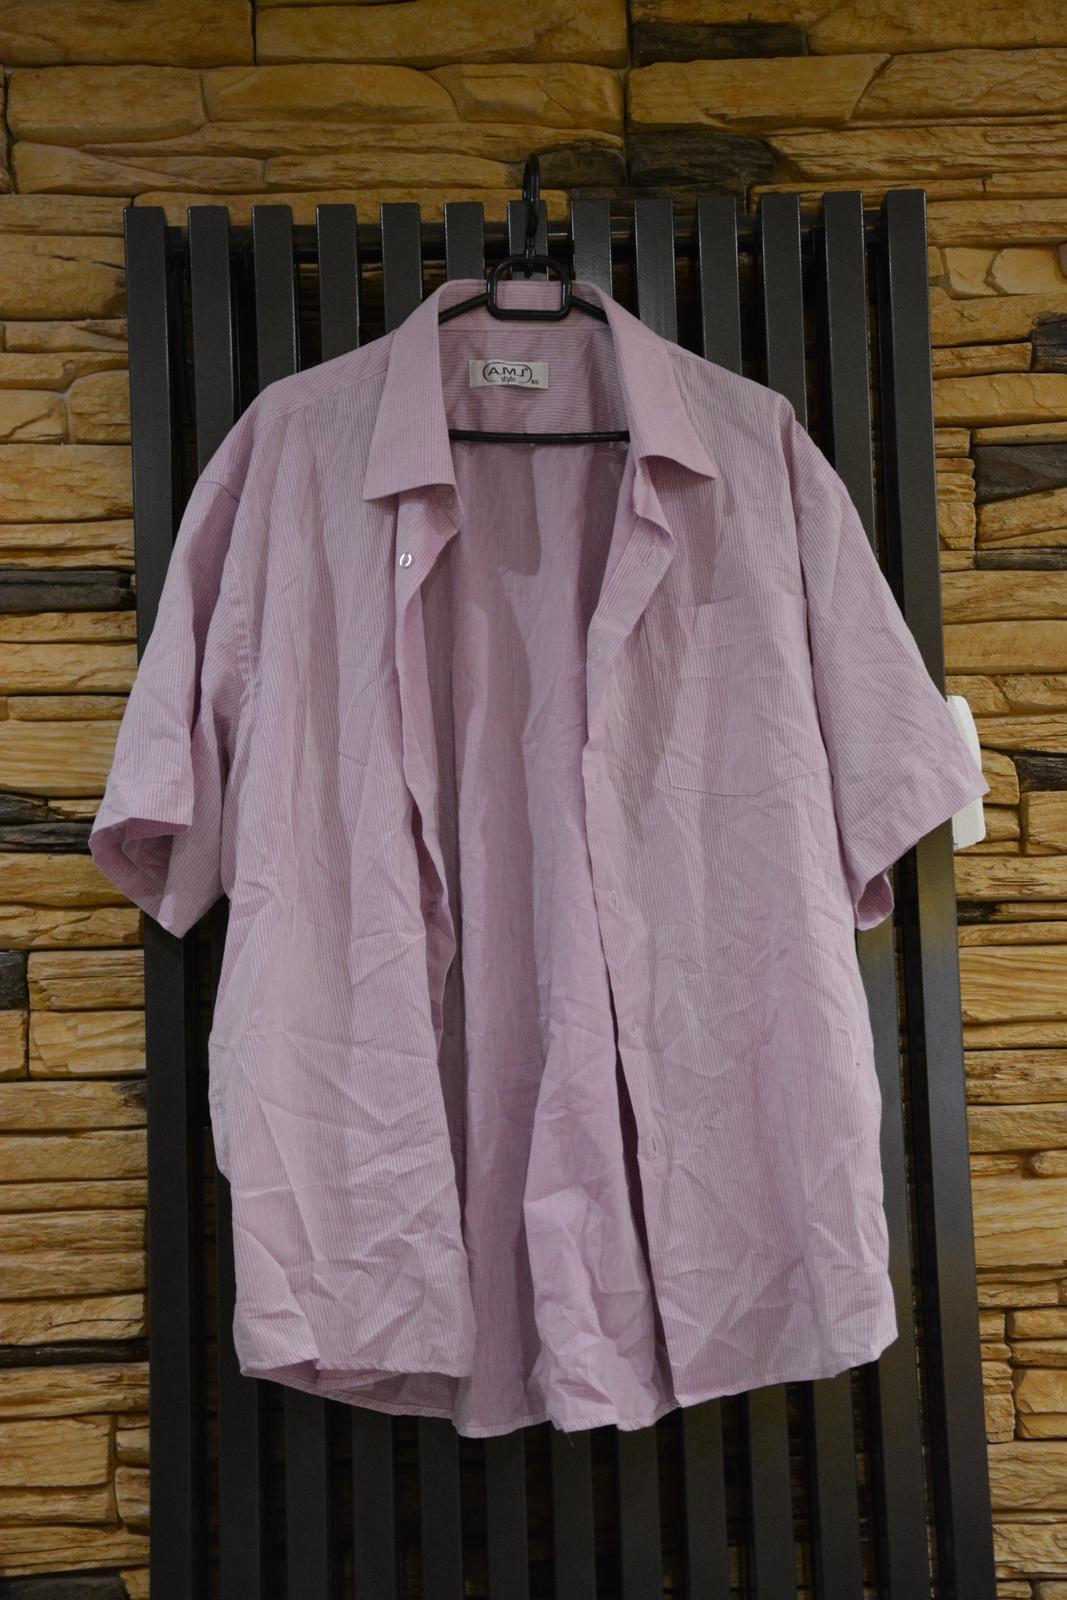 Fialová košile s bílým proužkem - Obrázek č. 1